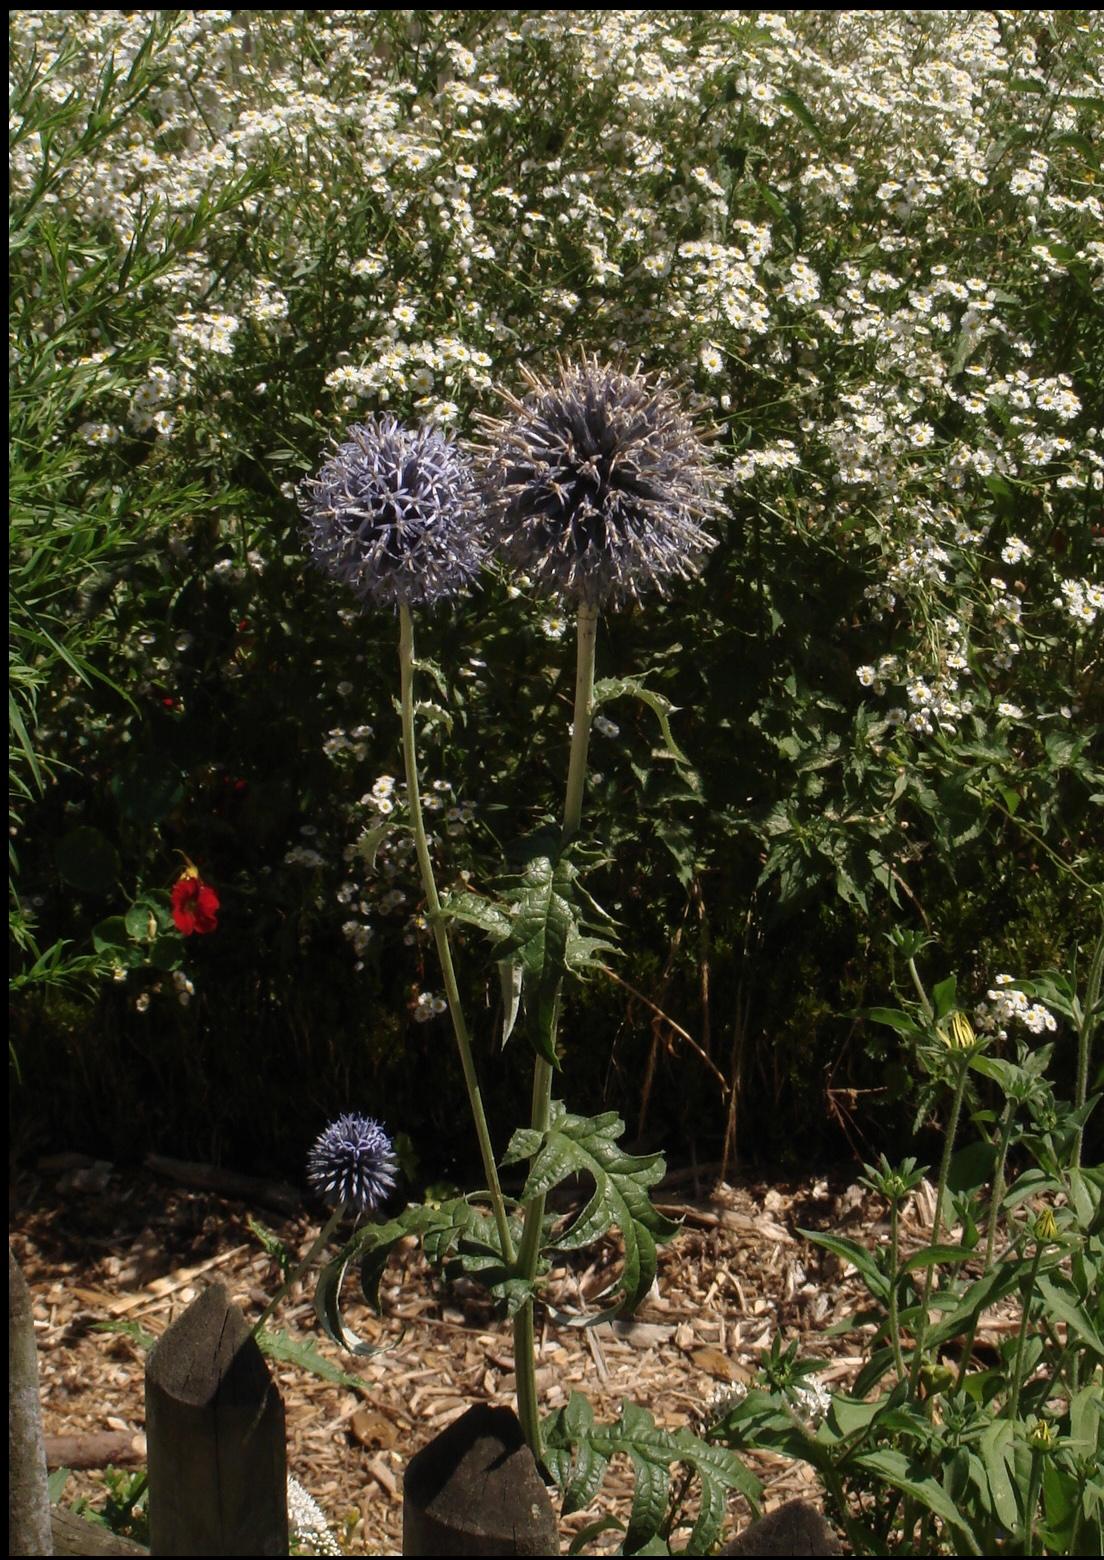 Pflanze des Monats August 2018: Kugeldistel